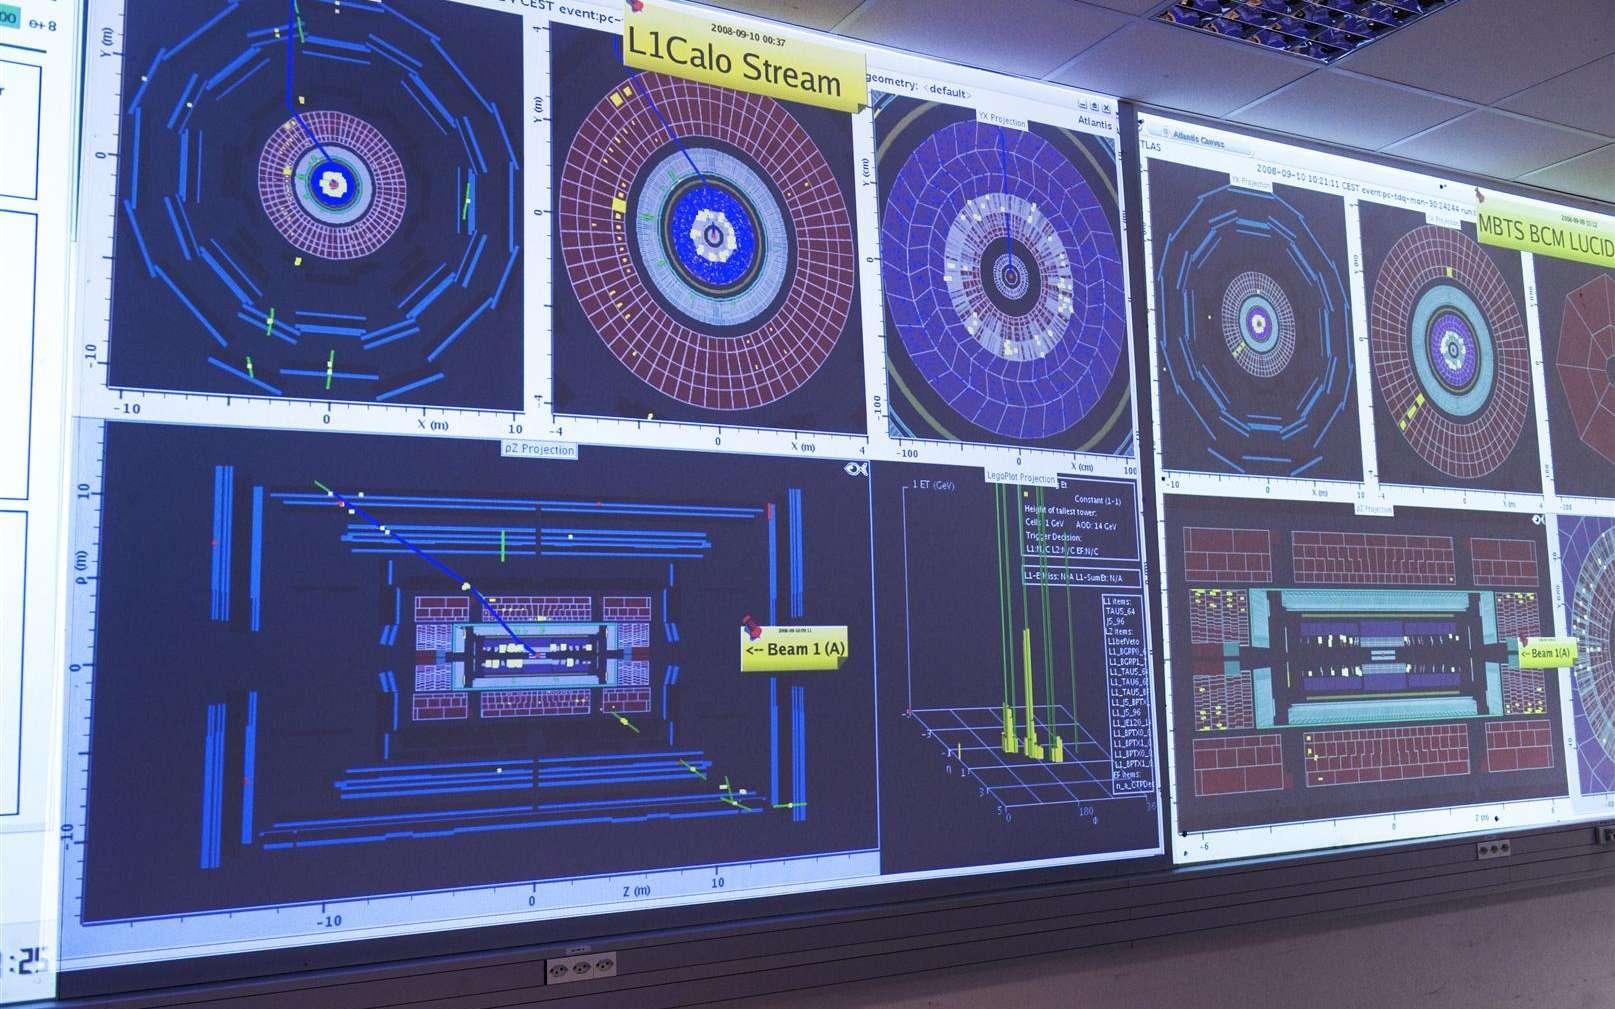 Les écrans dans la salle de contrôle d'Atlas le 10 septembre 2008. © Cern